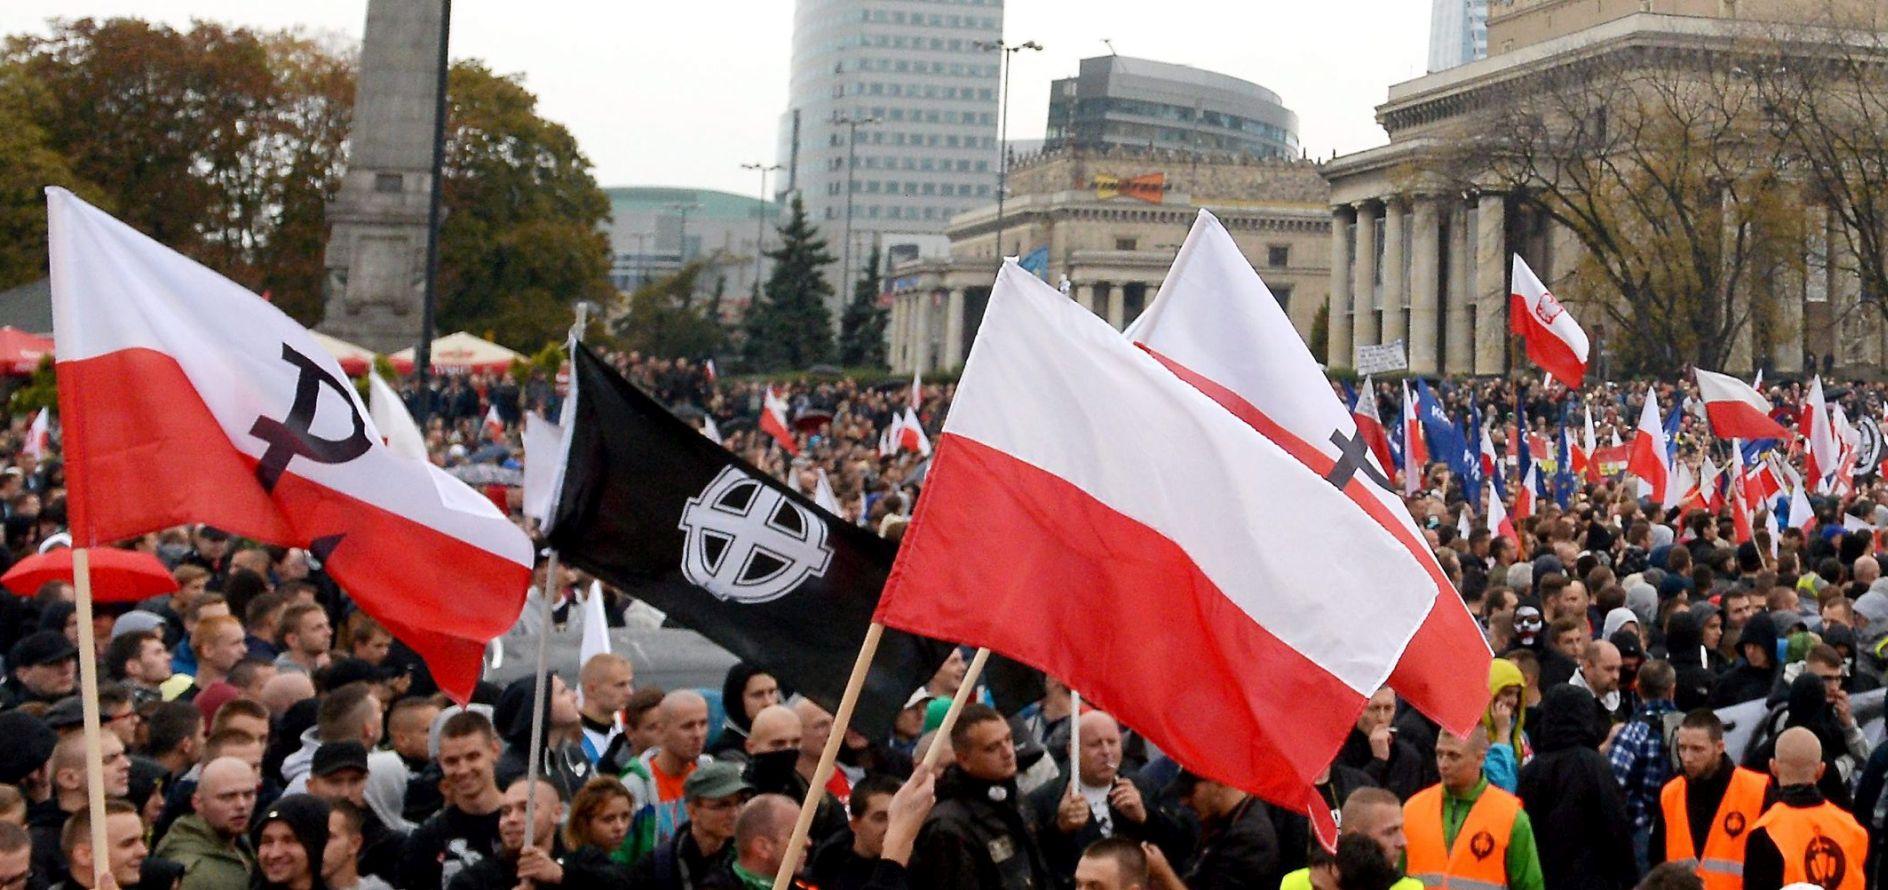 'NISTE DOBRODOŠLI' U Varšavi više tisuća protu-imigracijskih prosvjednika